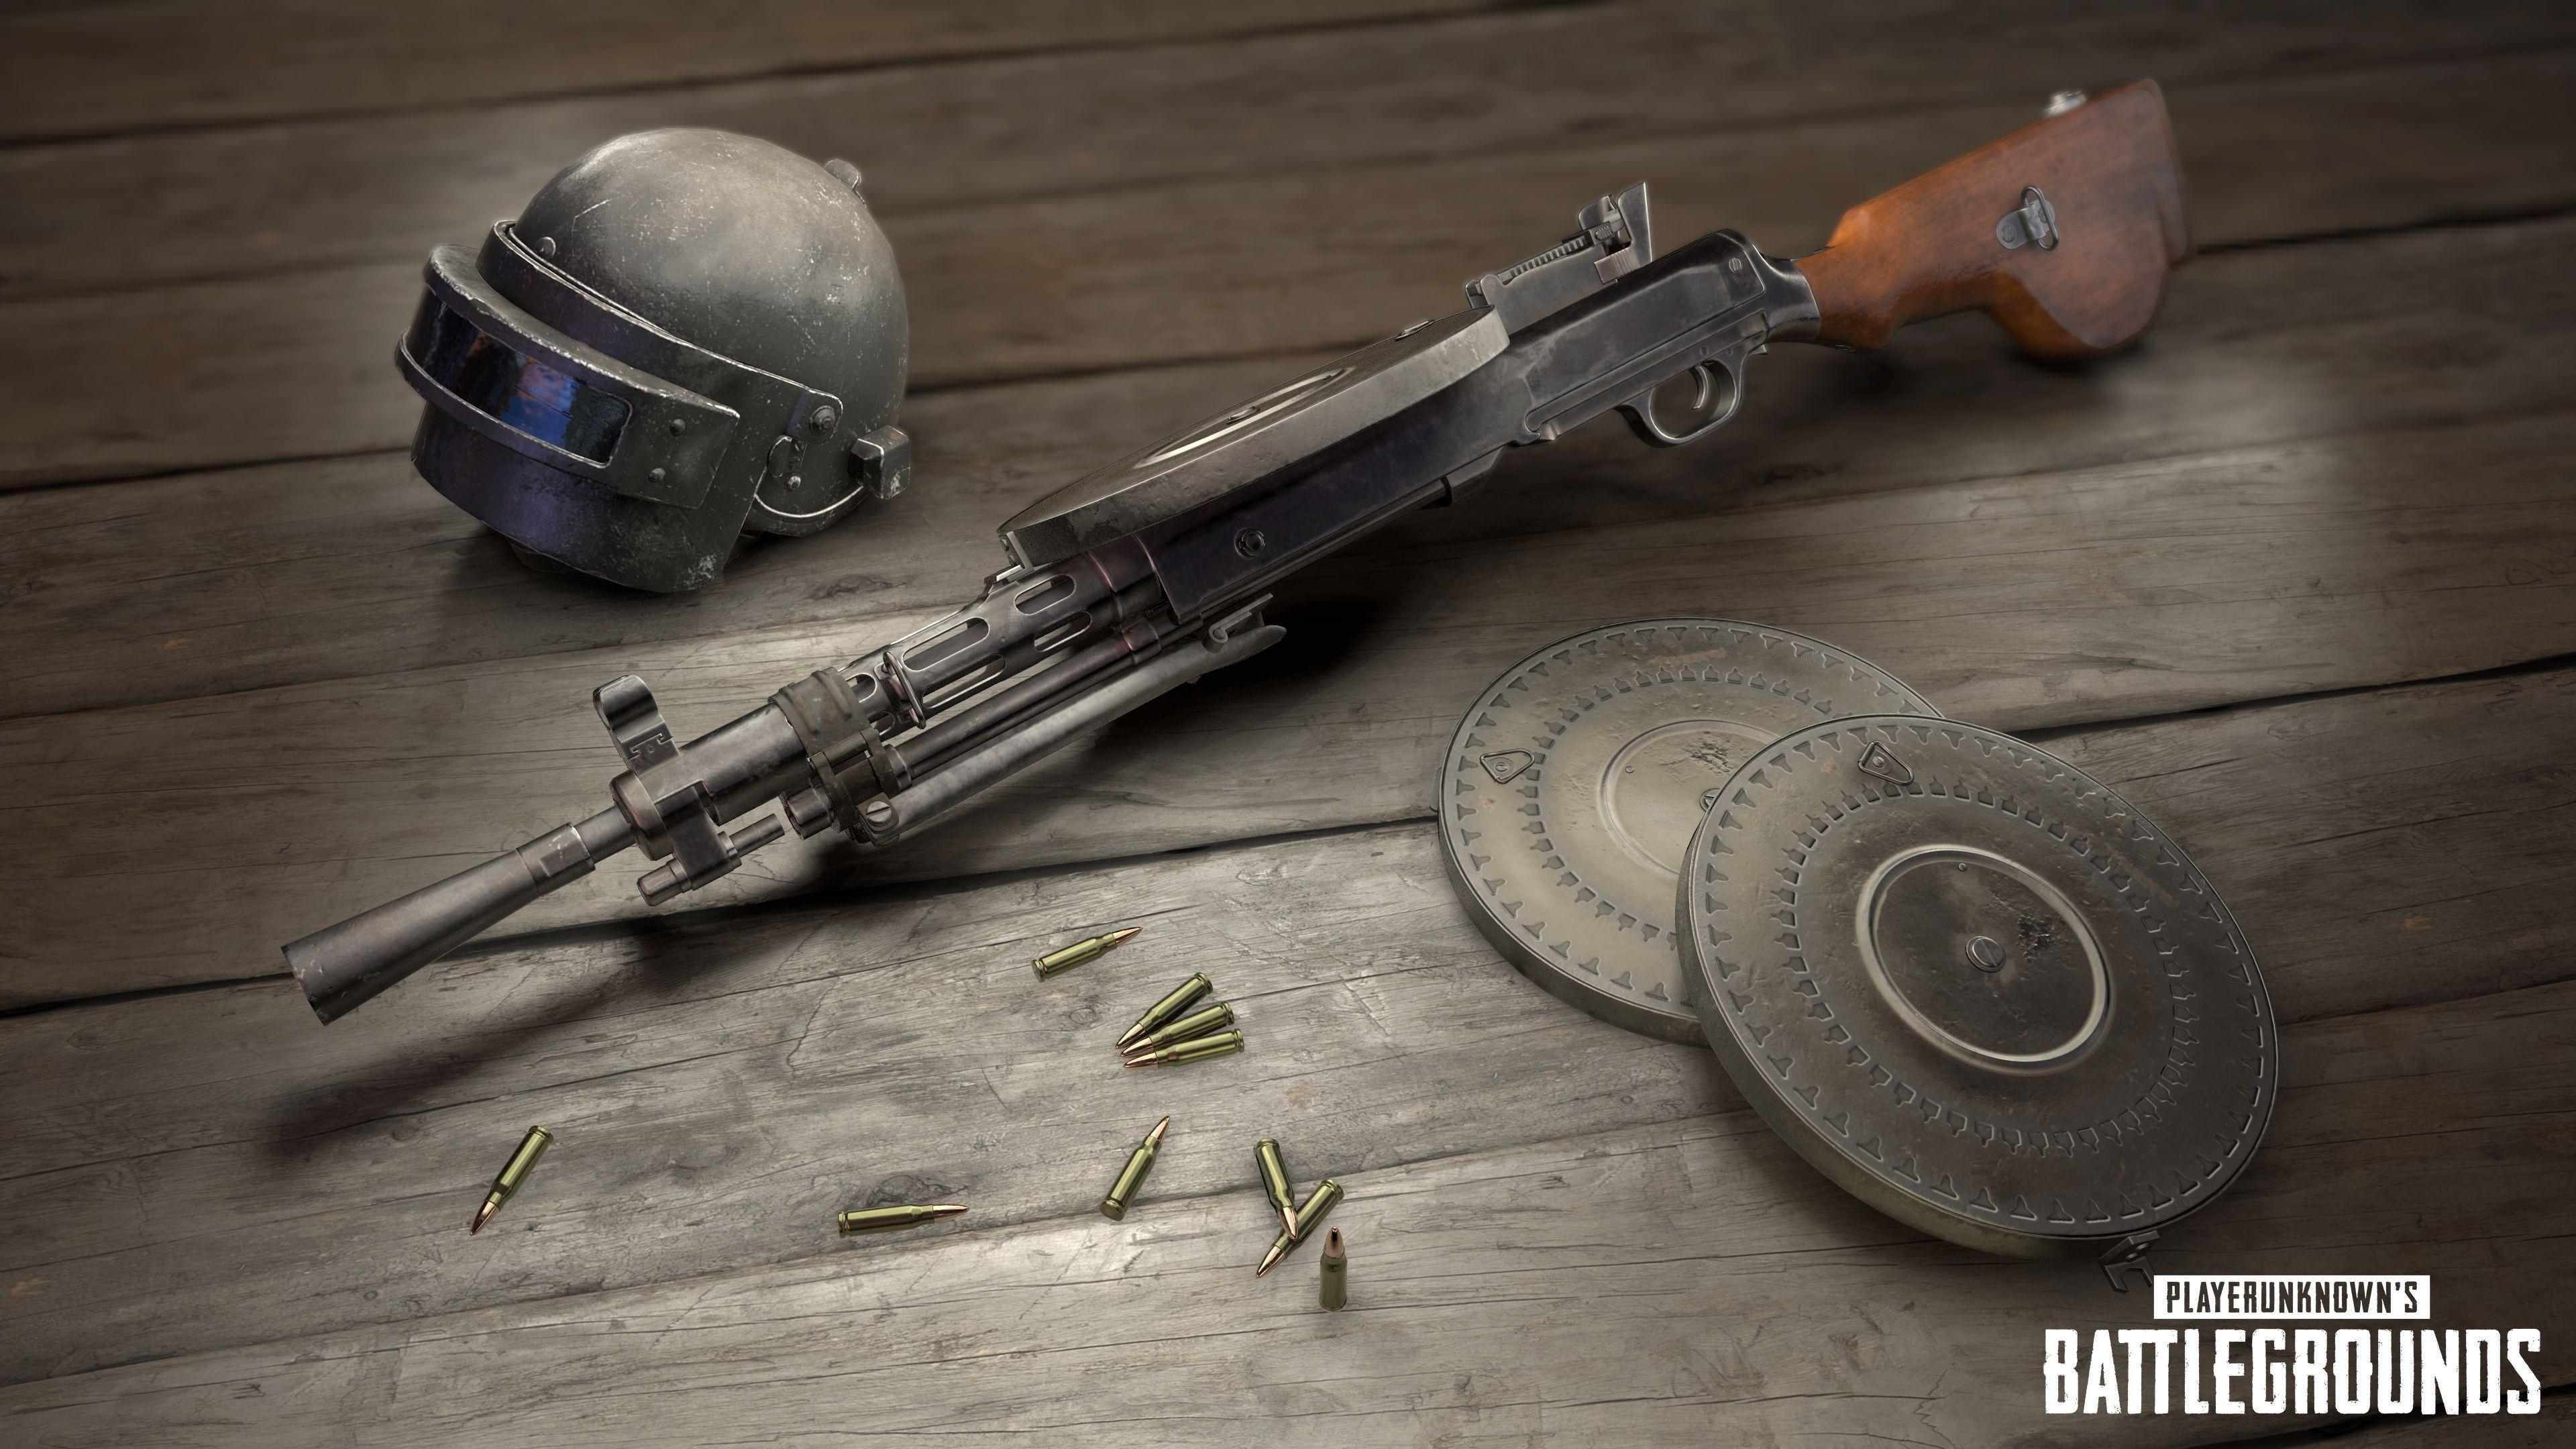 pubg gun dp-28, pubg hd wallpaper, player unknown battlegrounds 4k